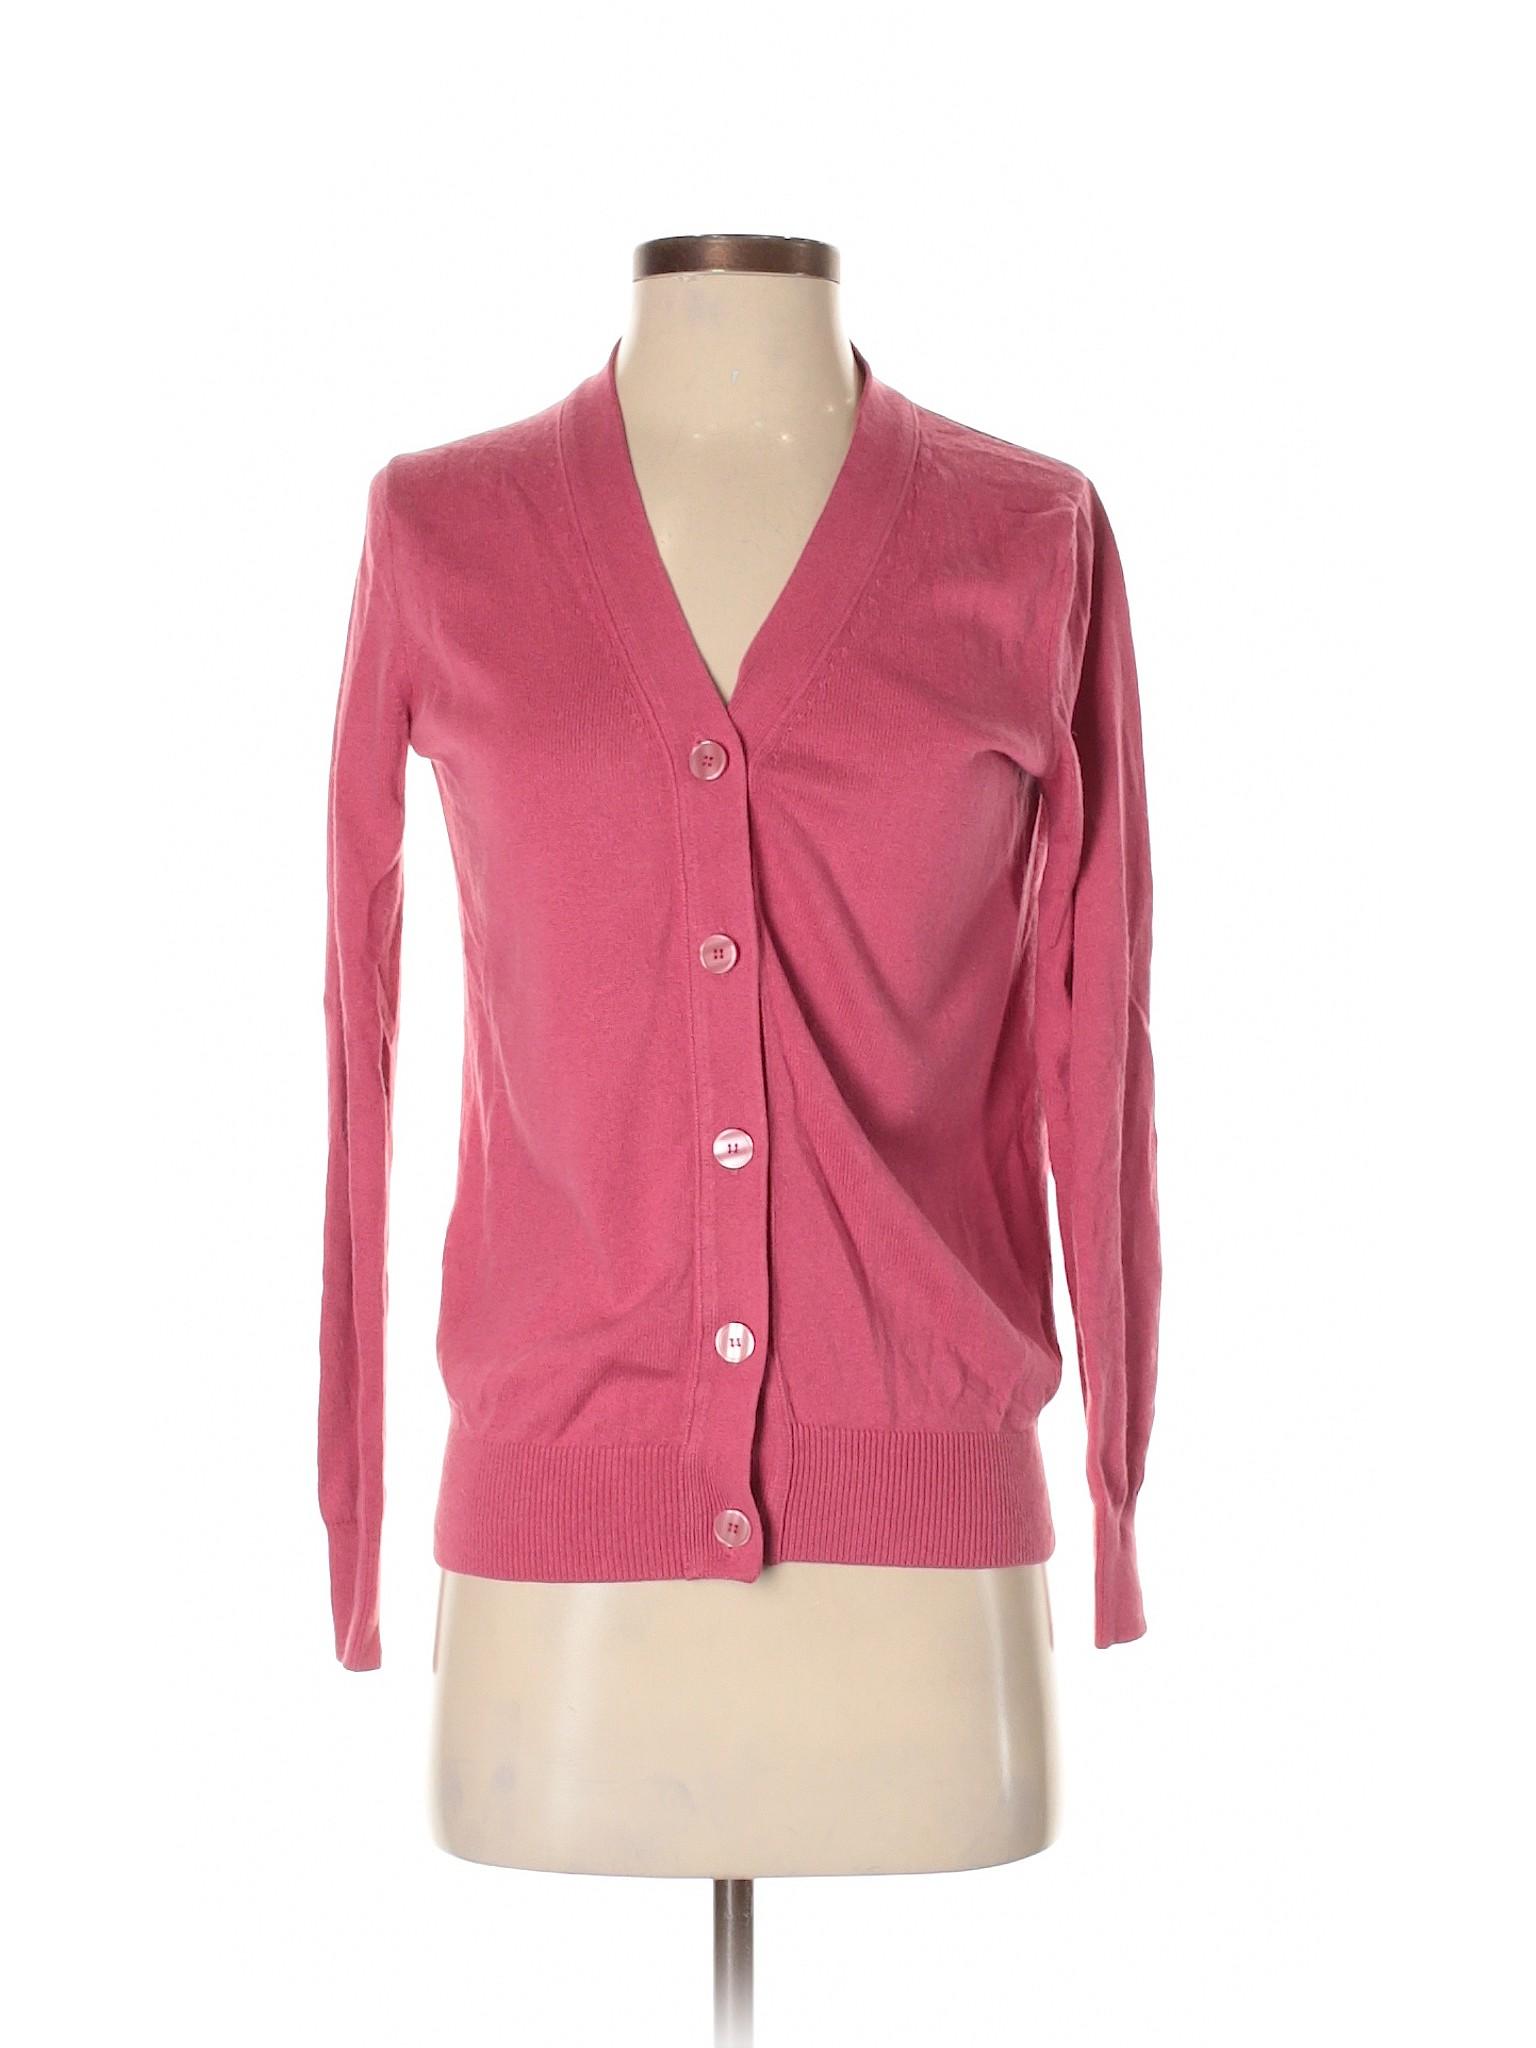 Moda Boutique Silk Moda International International Cardigan Cardigan Boutique Cardigan Silk Boutique International Moda Silk vUT4wgqx